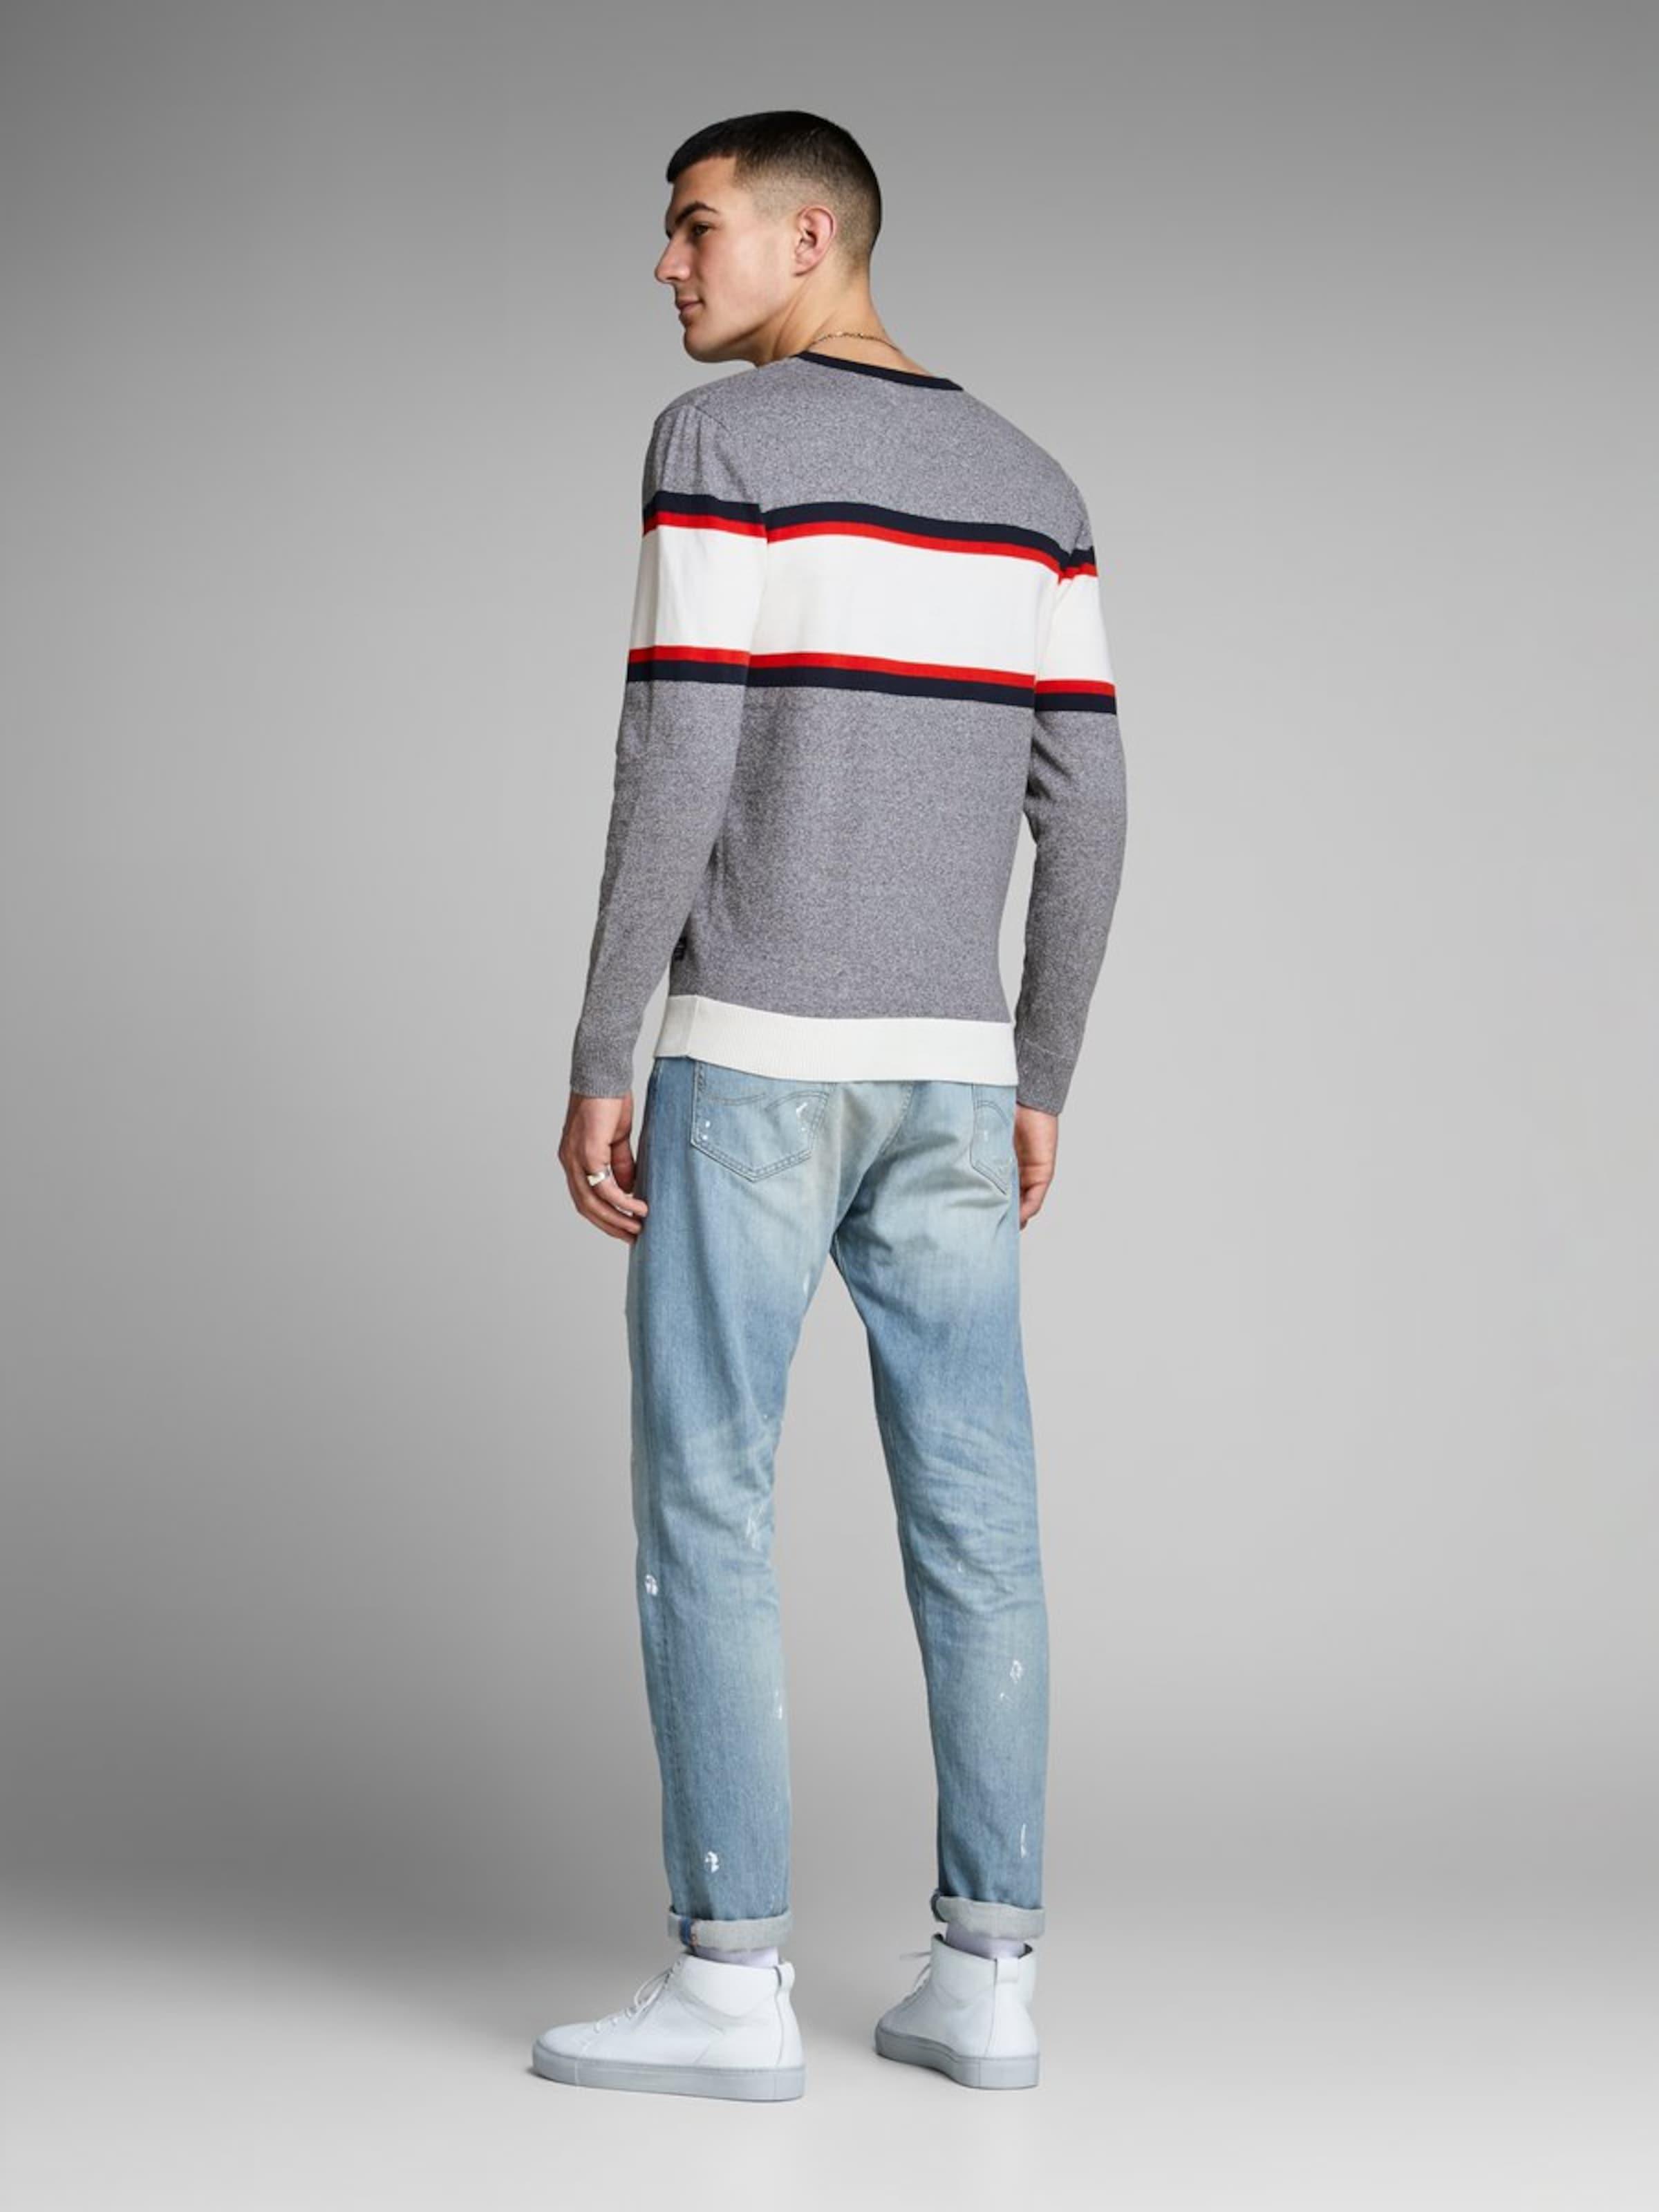 NachtblauGrau Weiß Jones In Rot Pullover Jackamp; 43j5RqAL